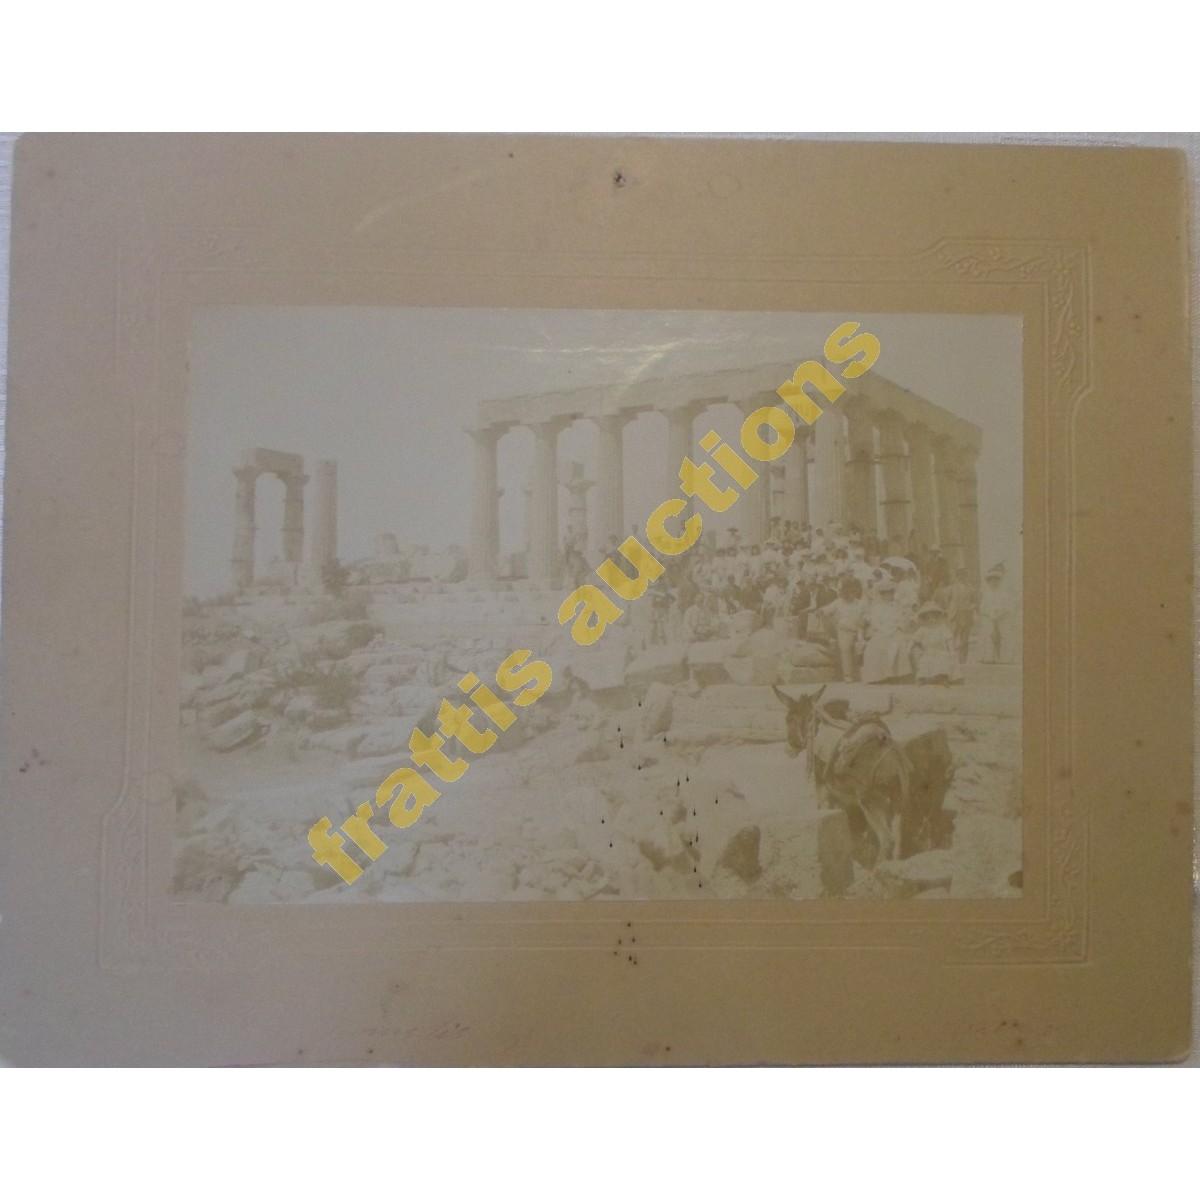 Ναός Αφαίας Αθηνάς Αίγινα, τέλη 19ου - αρχές 20ού αιώνα